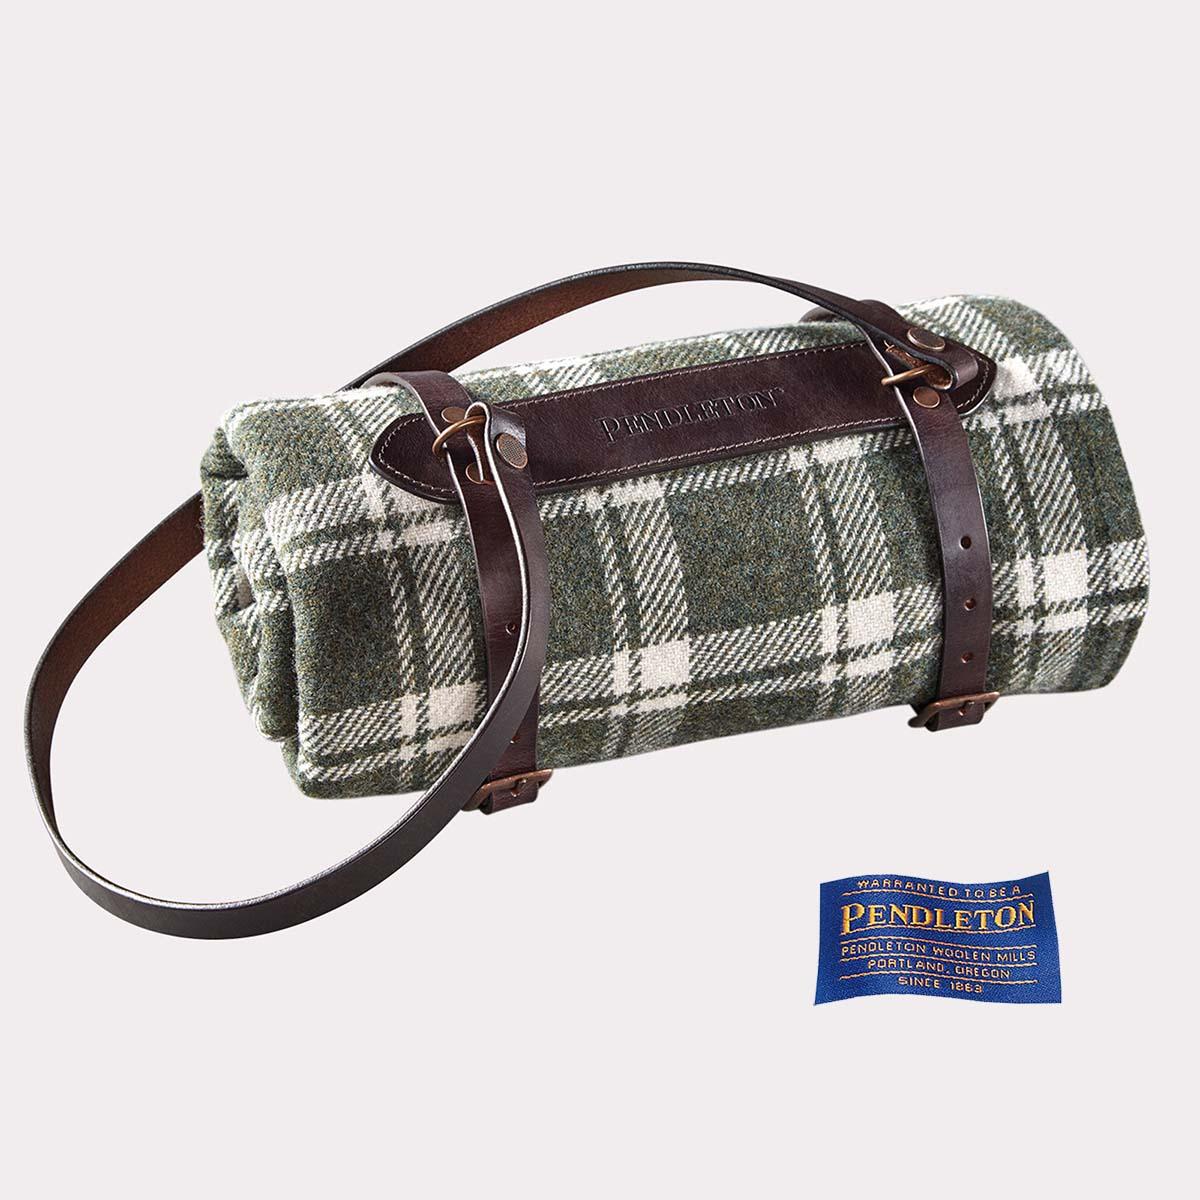 画像1: ペンドルトン スモールブランケット用 プレミアム レザー キャリア(ダークブラウン)/Pendleton Premium Leather Carrier Small(Dark Brown) (1)